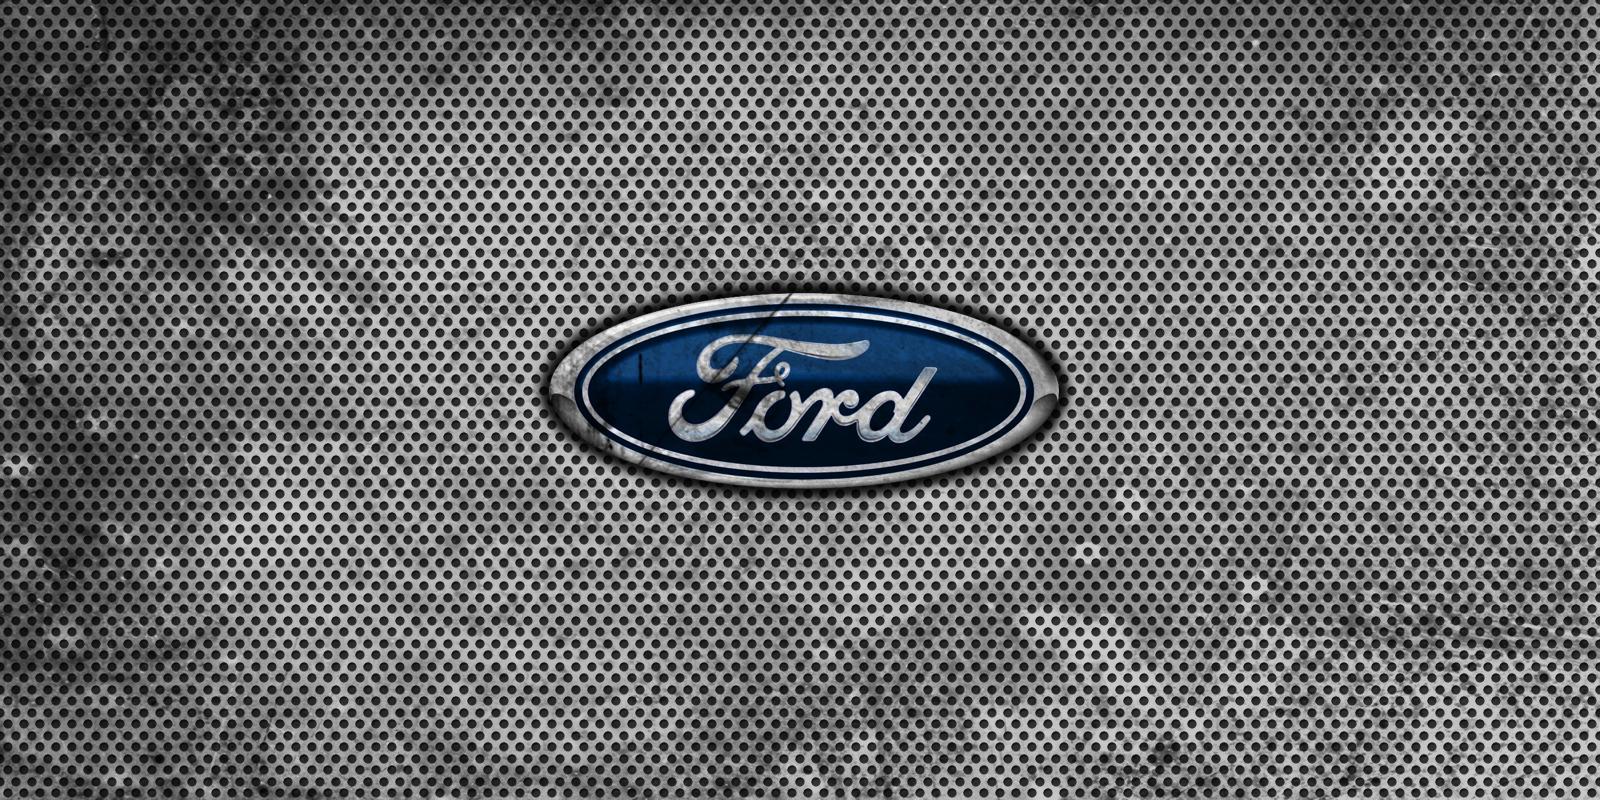 ford logo ford car